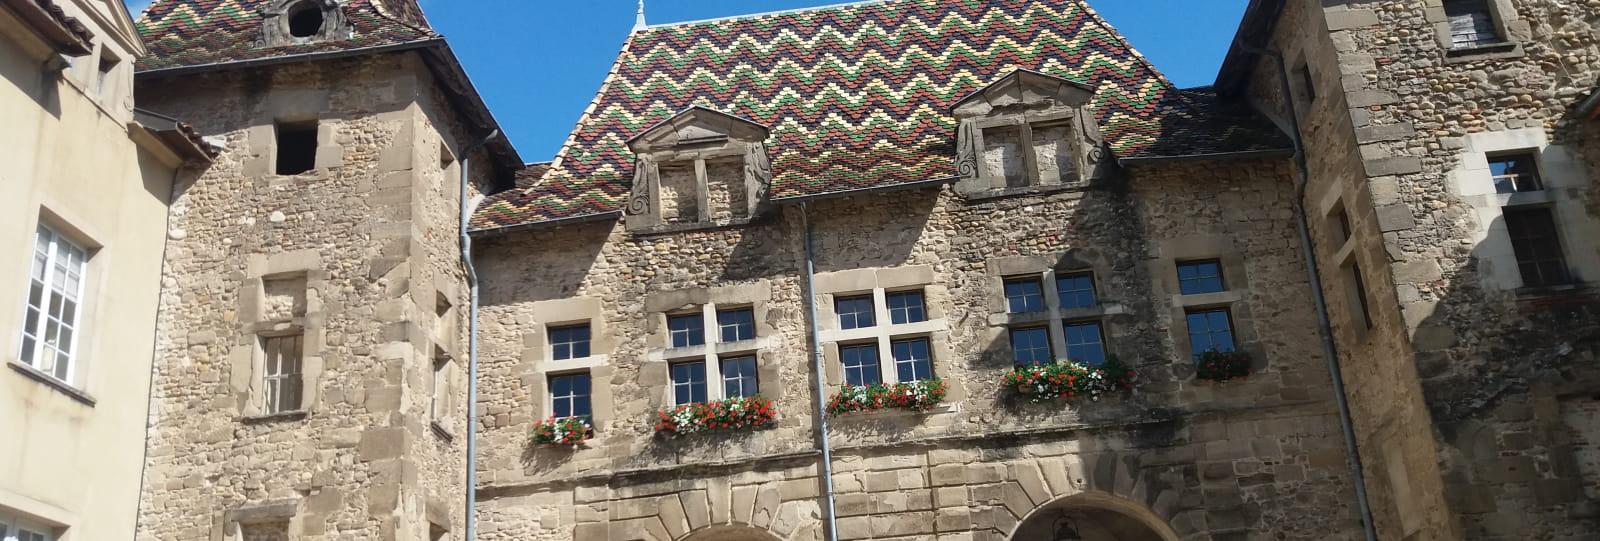 13 Tour de pays Drôme des Collines